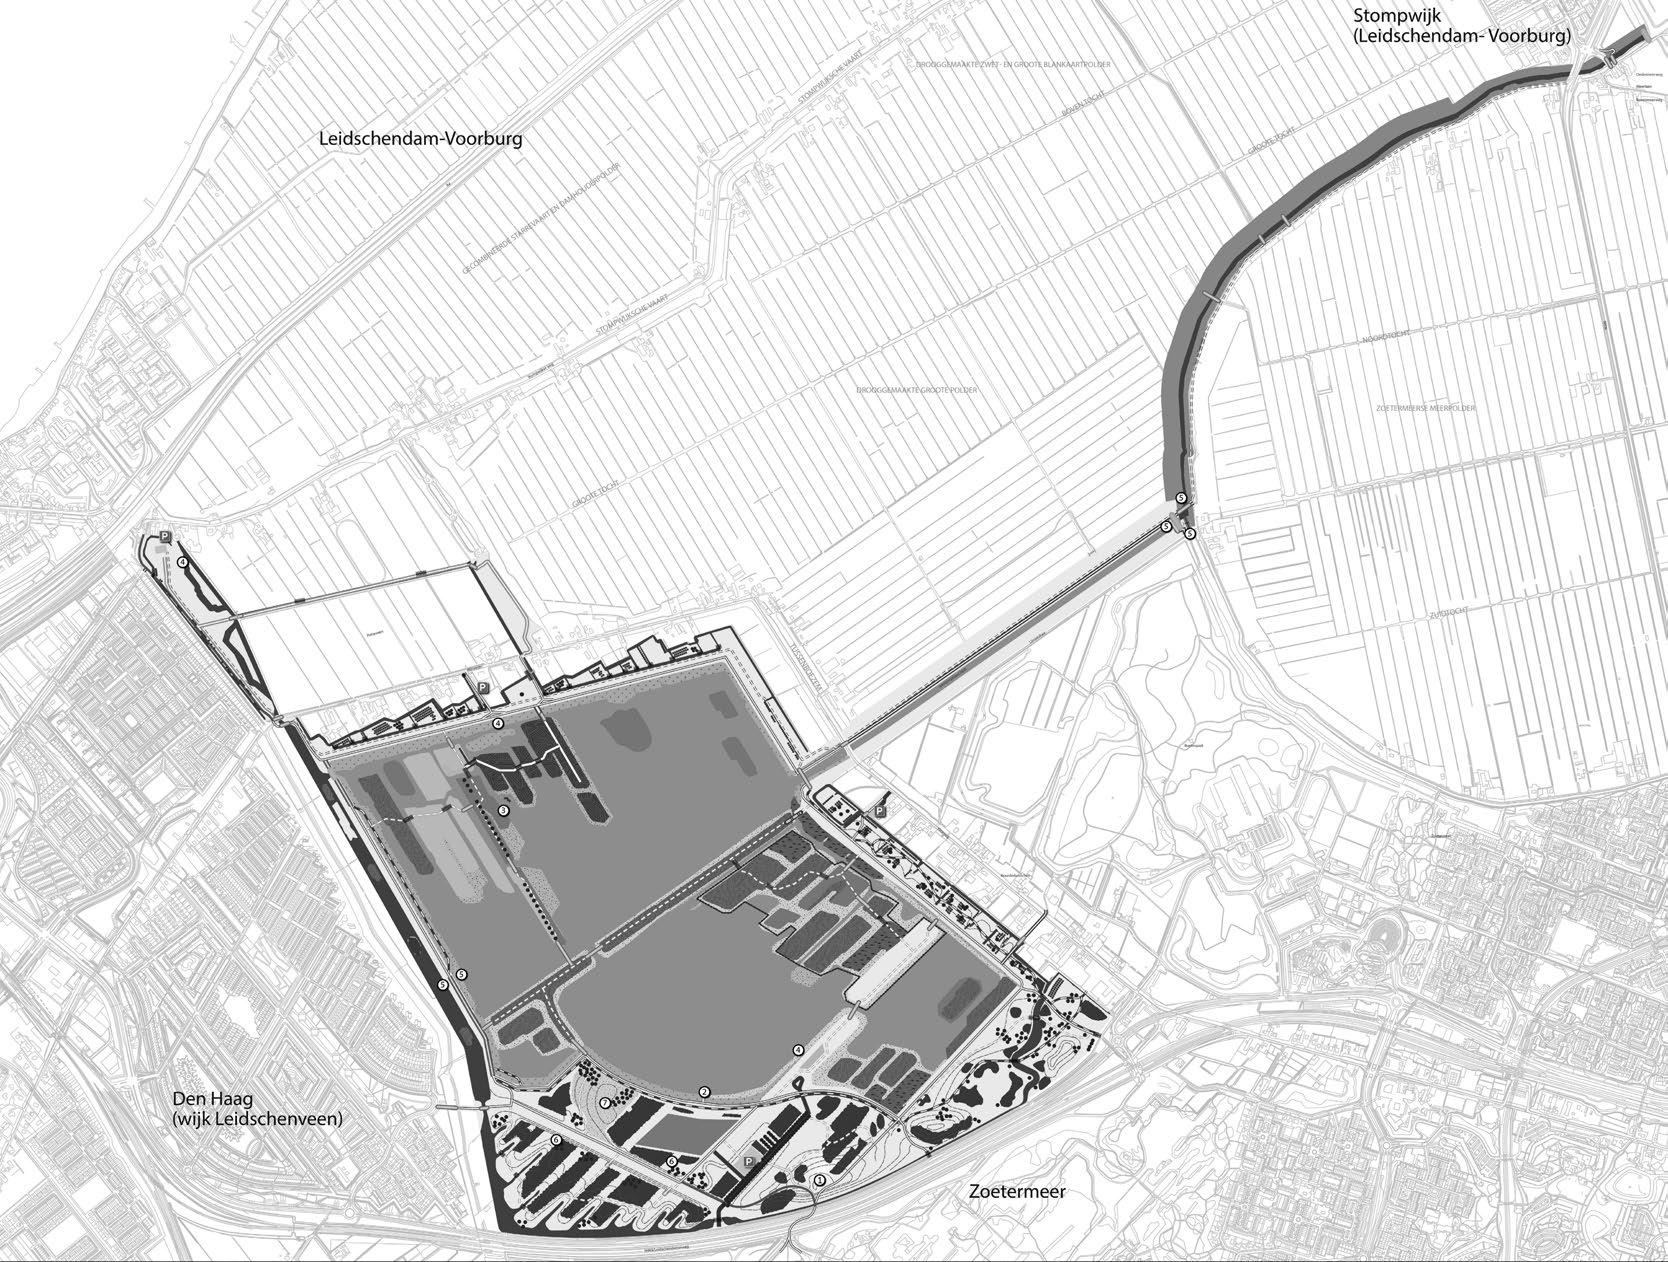 Inrichtingstekening Driemanspolder, oktober 2015 (Hoogheemraadschap van Rijnland / Projectorganisatie N3MP)